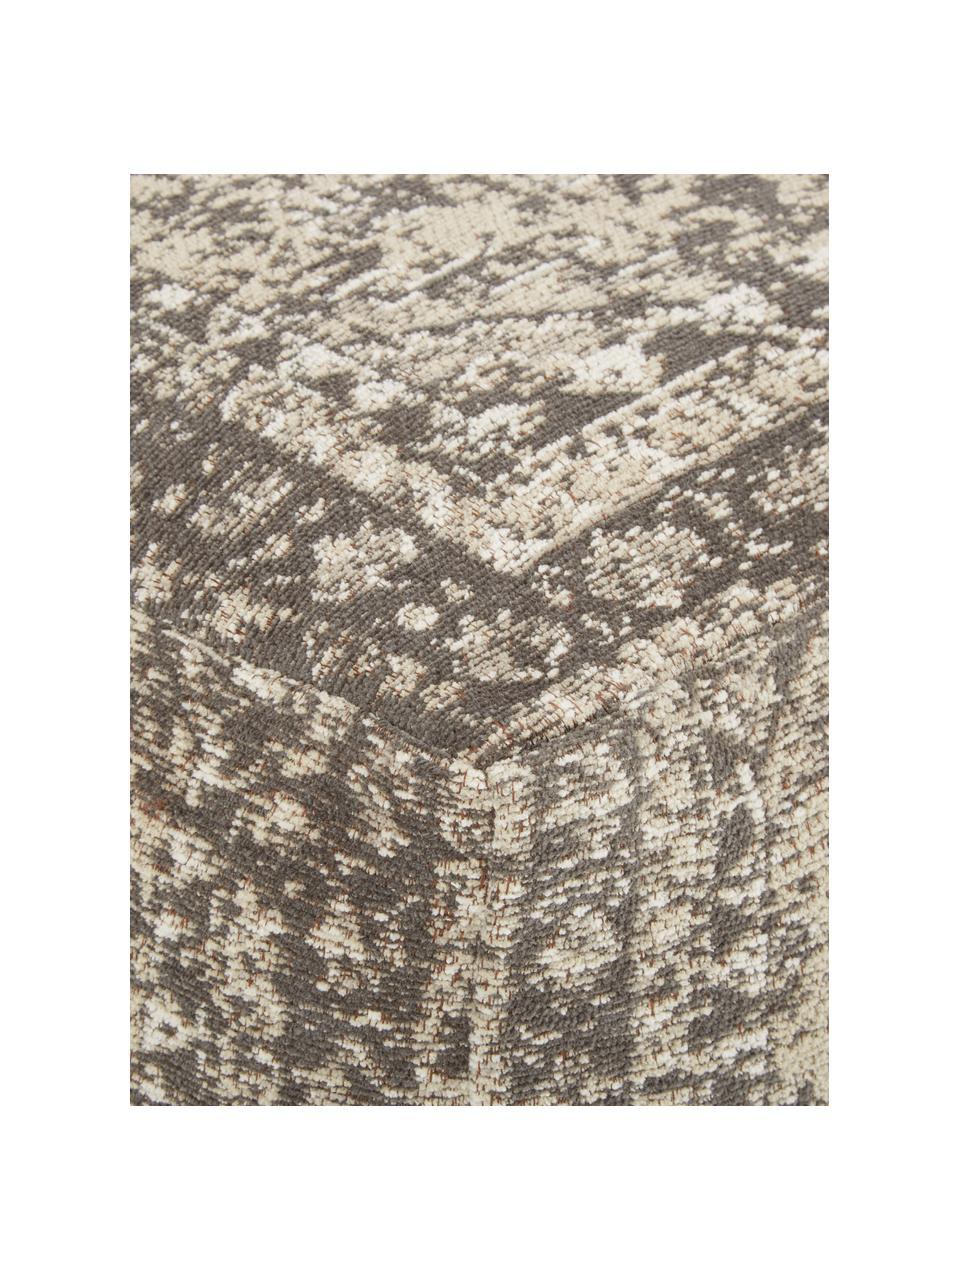 Vintage-Bodenkissen Rebel, Bezug: 95% Baumwolle, 5% Polyest, Dunkelgrau, Creme, 70 x 26 cm